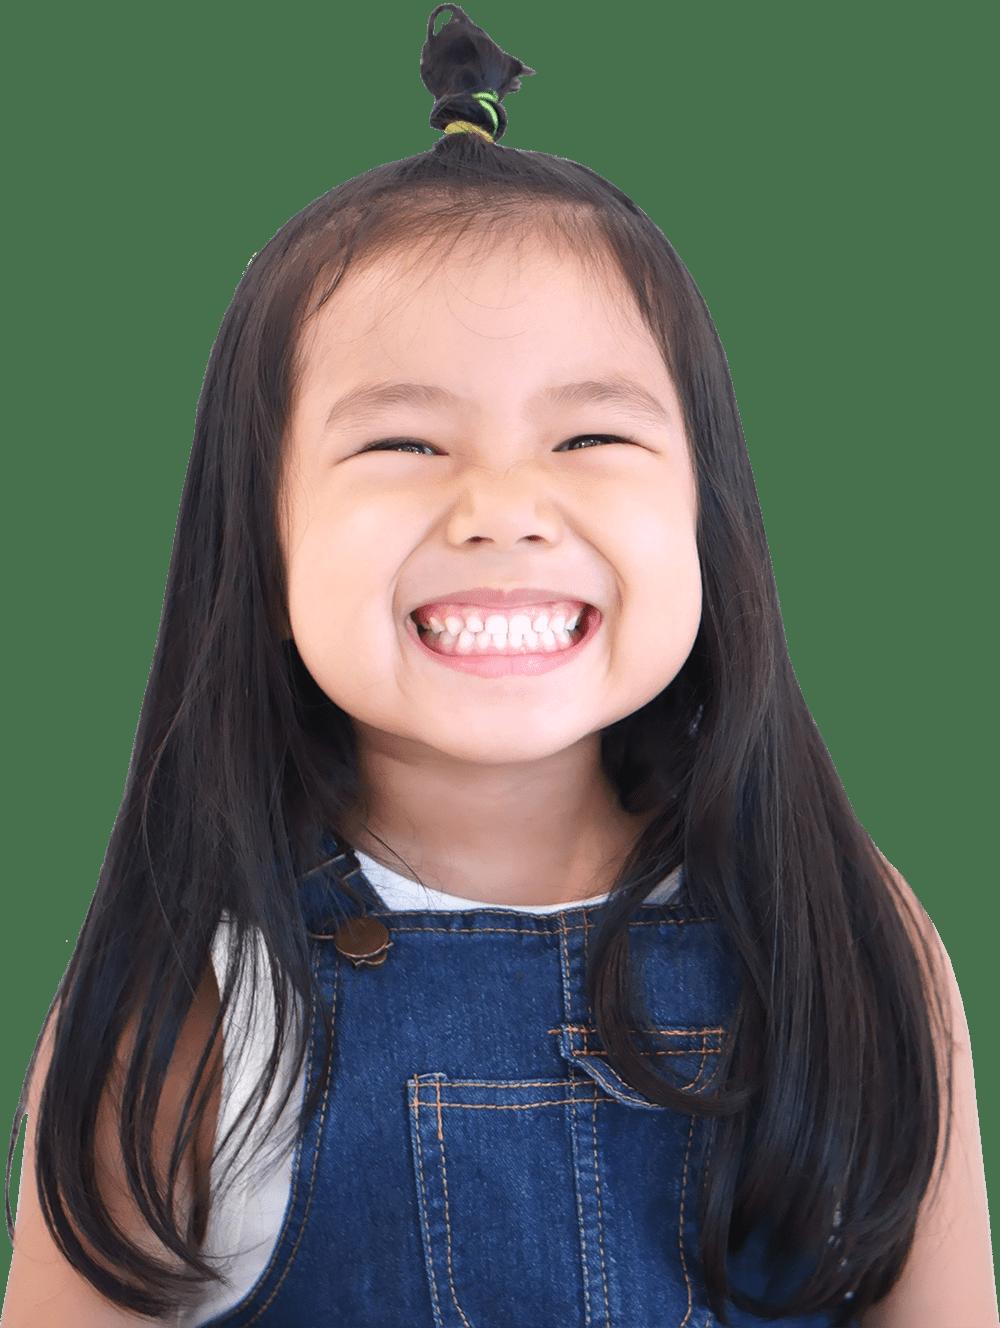 Pre-K Preschool & Daycare Serving El Cajon, Lakeside And Santee CA